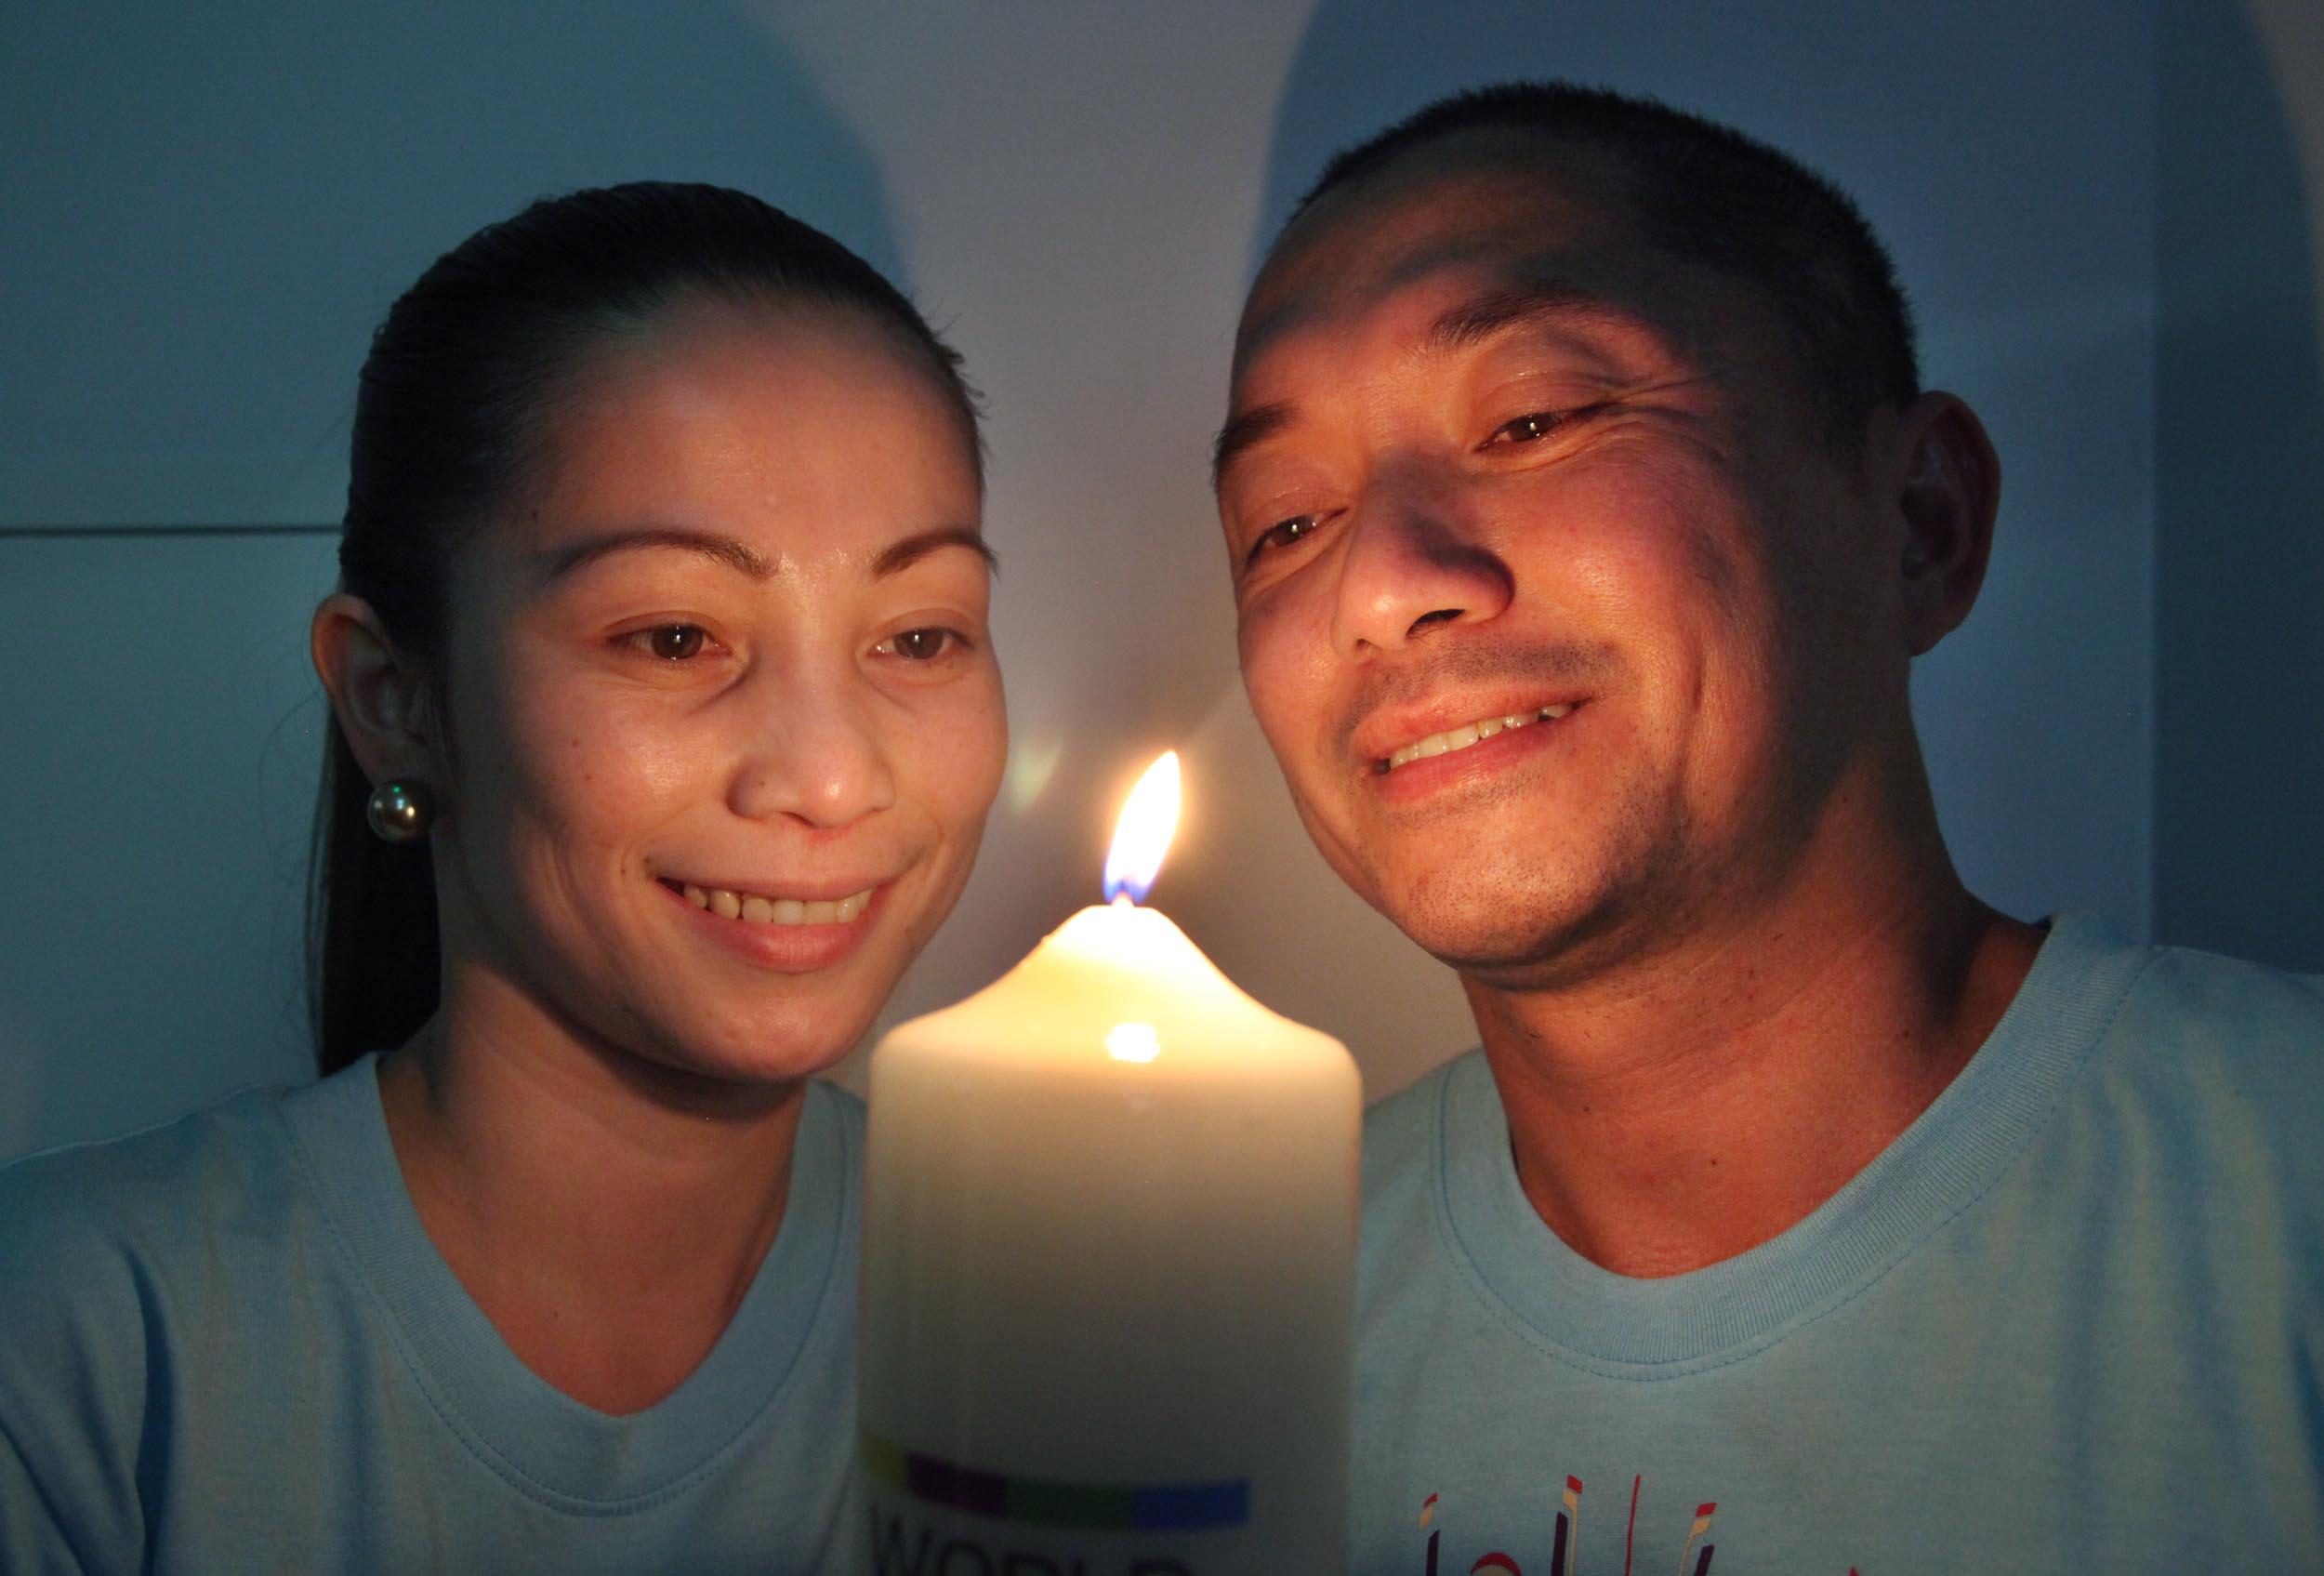 30234307110_b563010f8d_o-couple